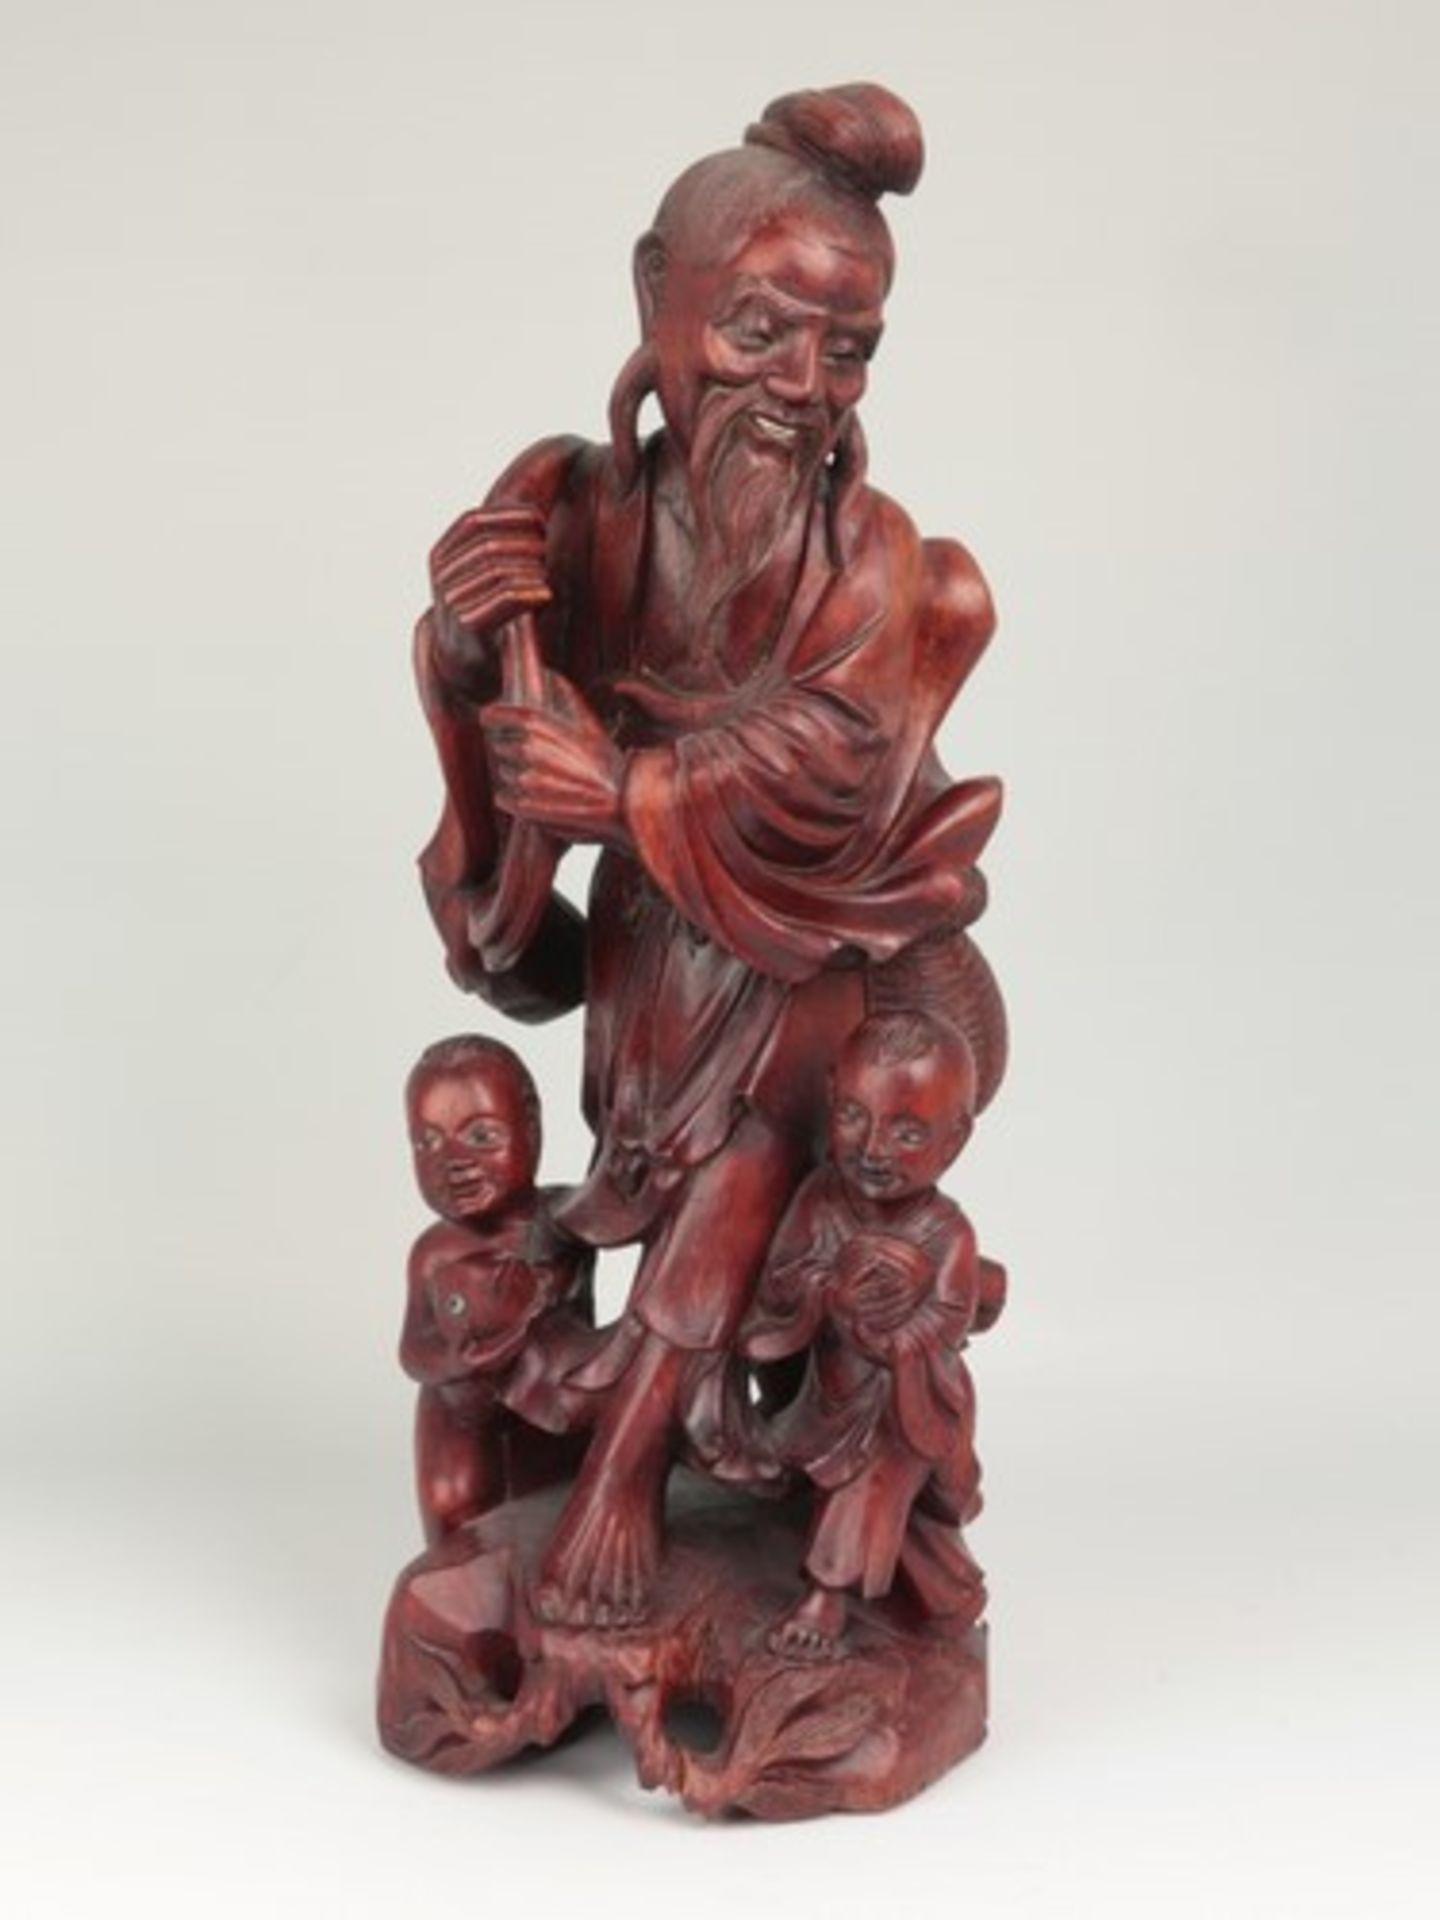 Holzfigur - China20.Jh., vollplastische Holzschnitzerei, Hartholz, Glasaugen, Fischer m. zwei